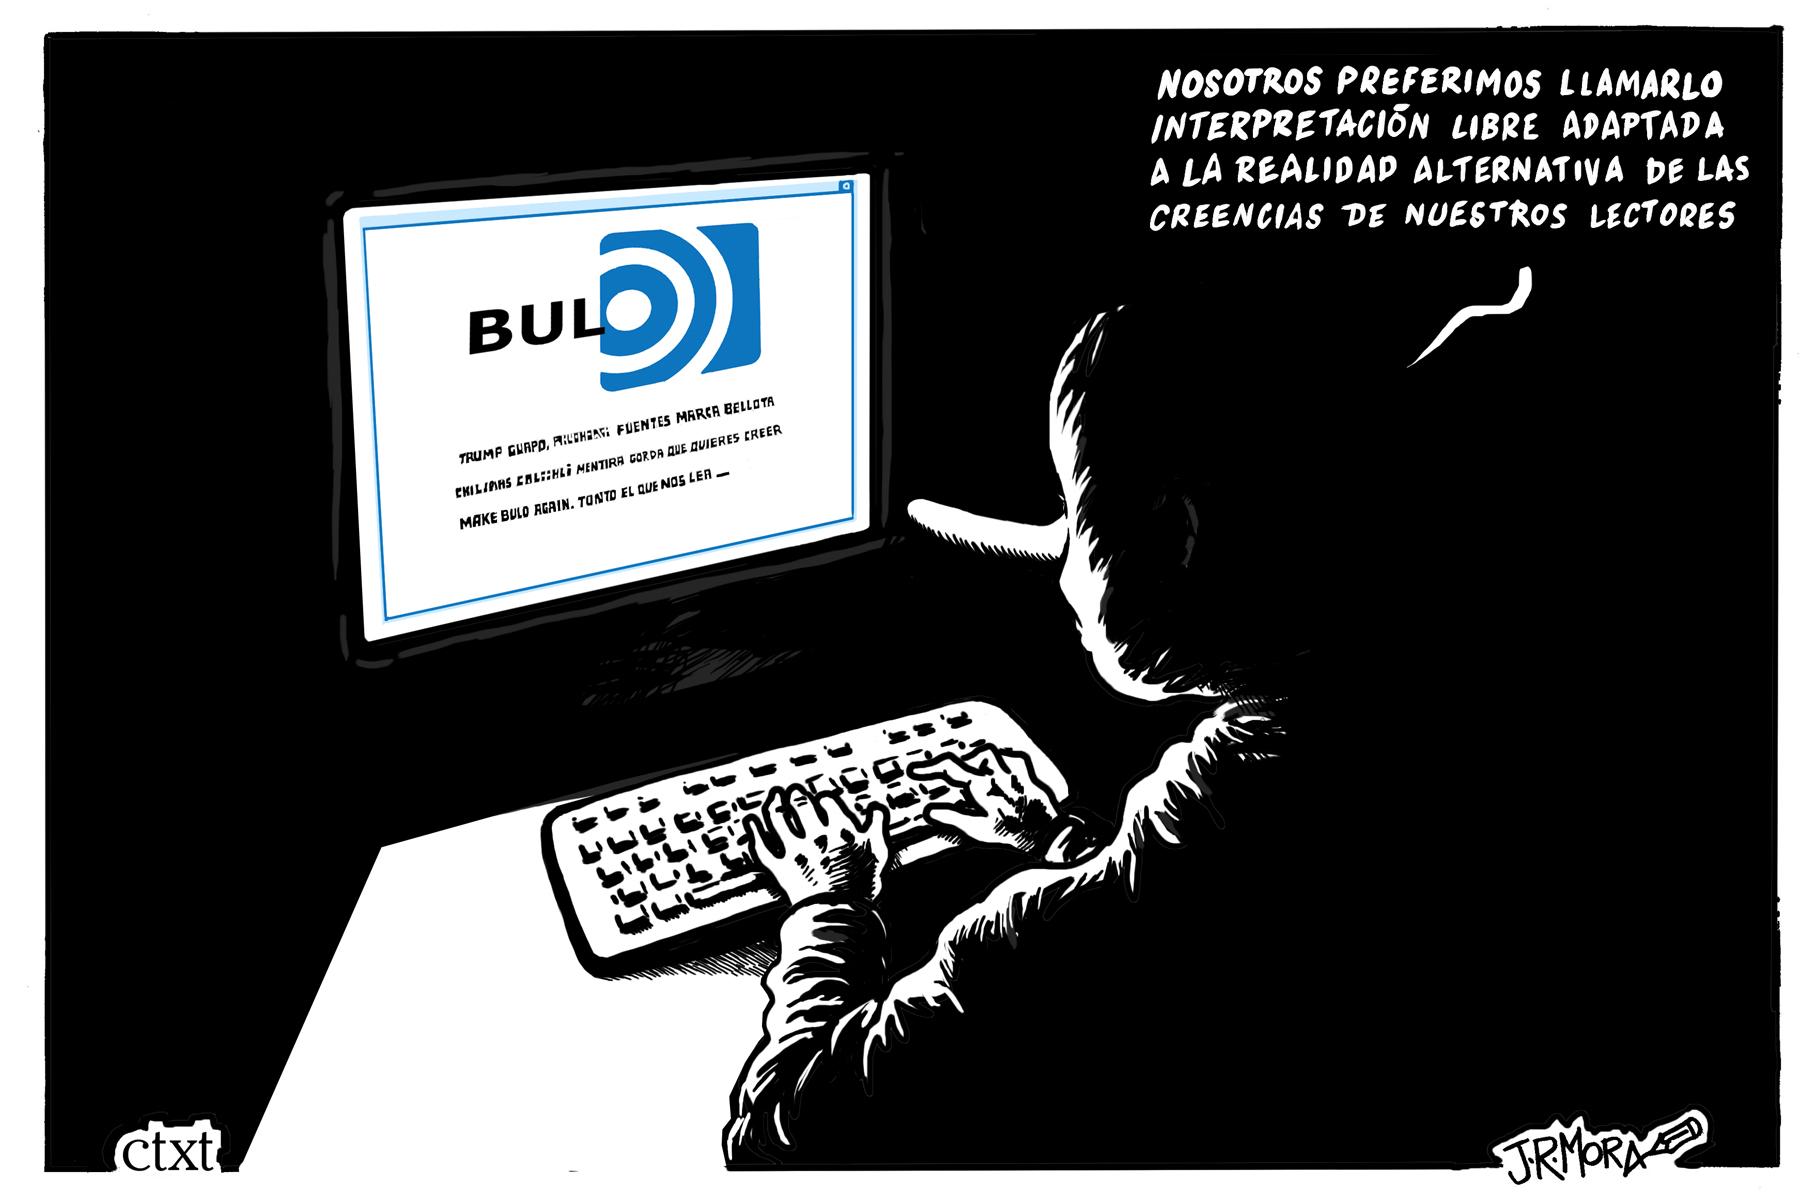 <p><em>Bulo digital.</em></p>